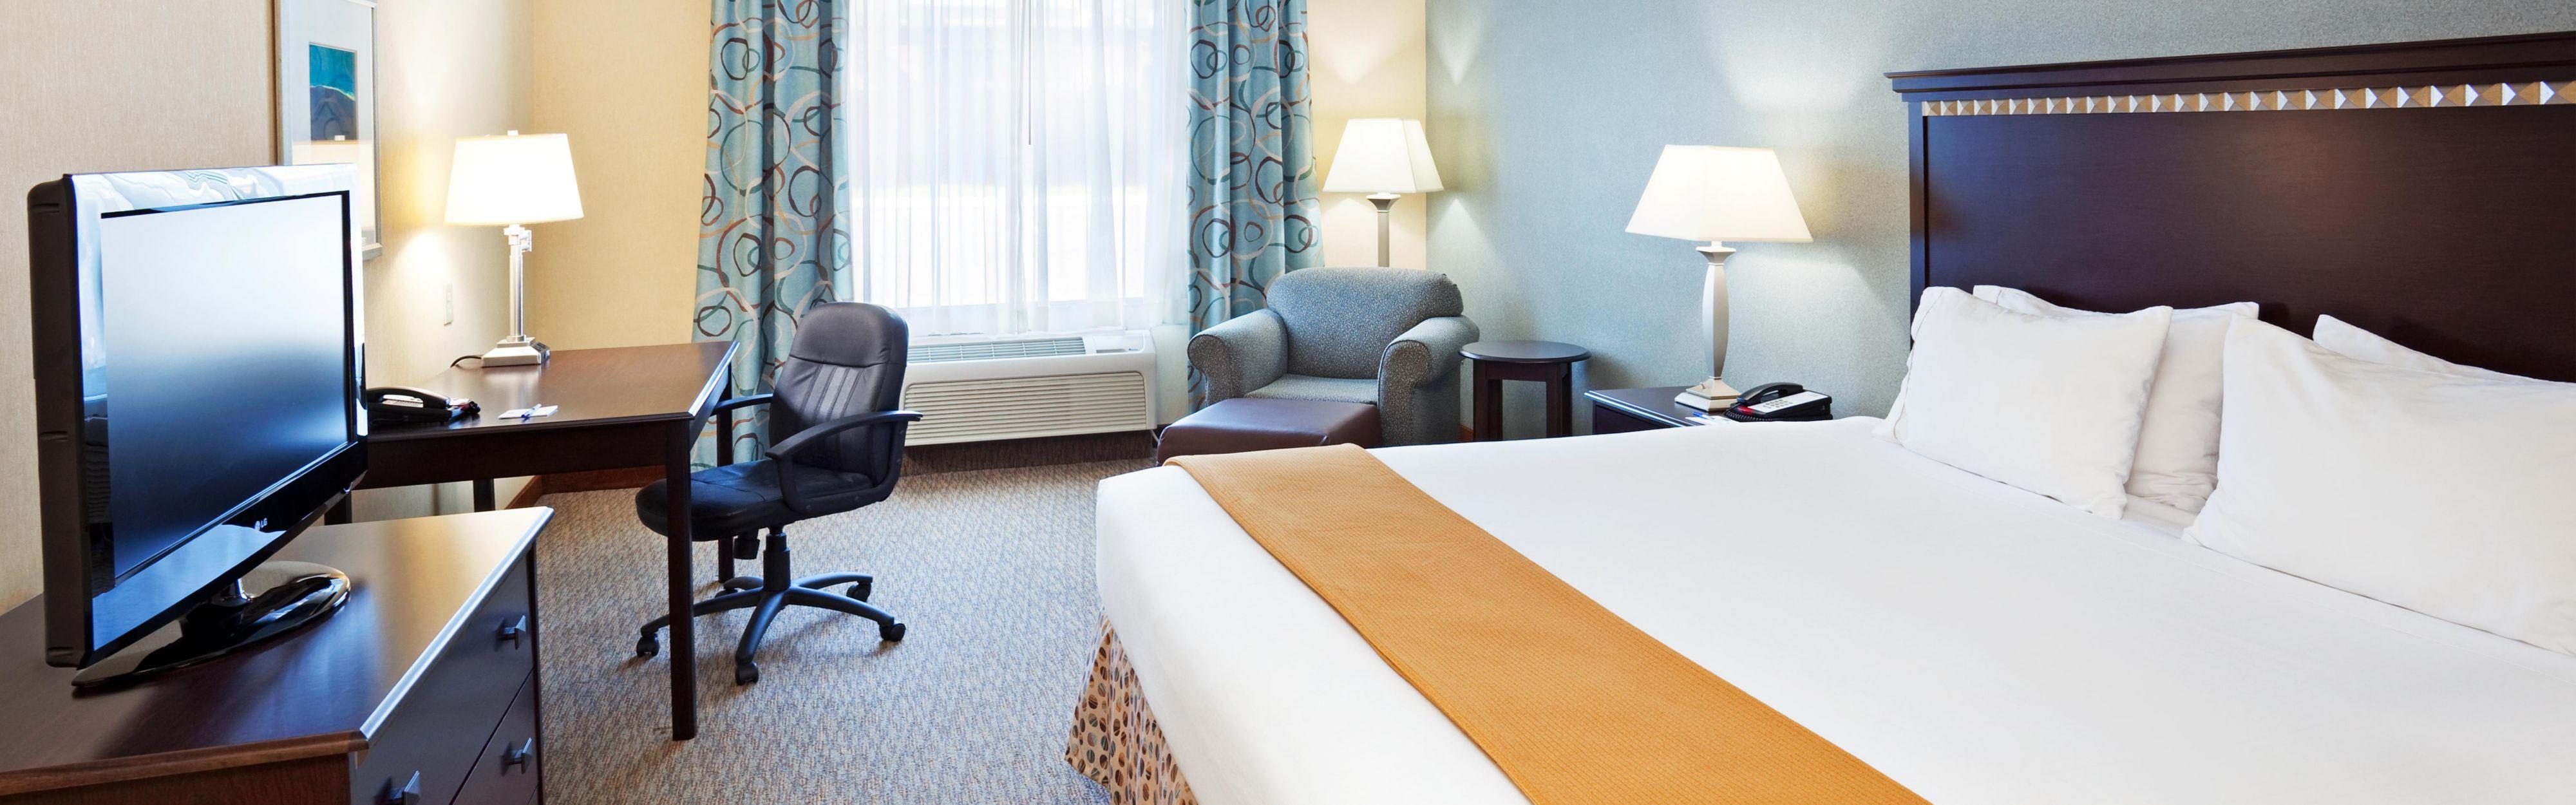 Holiday Inn Express & Suites Smyrna-Nashville Area image 1